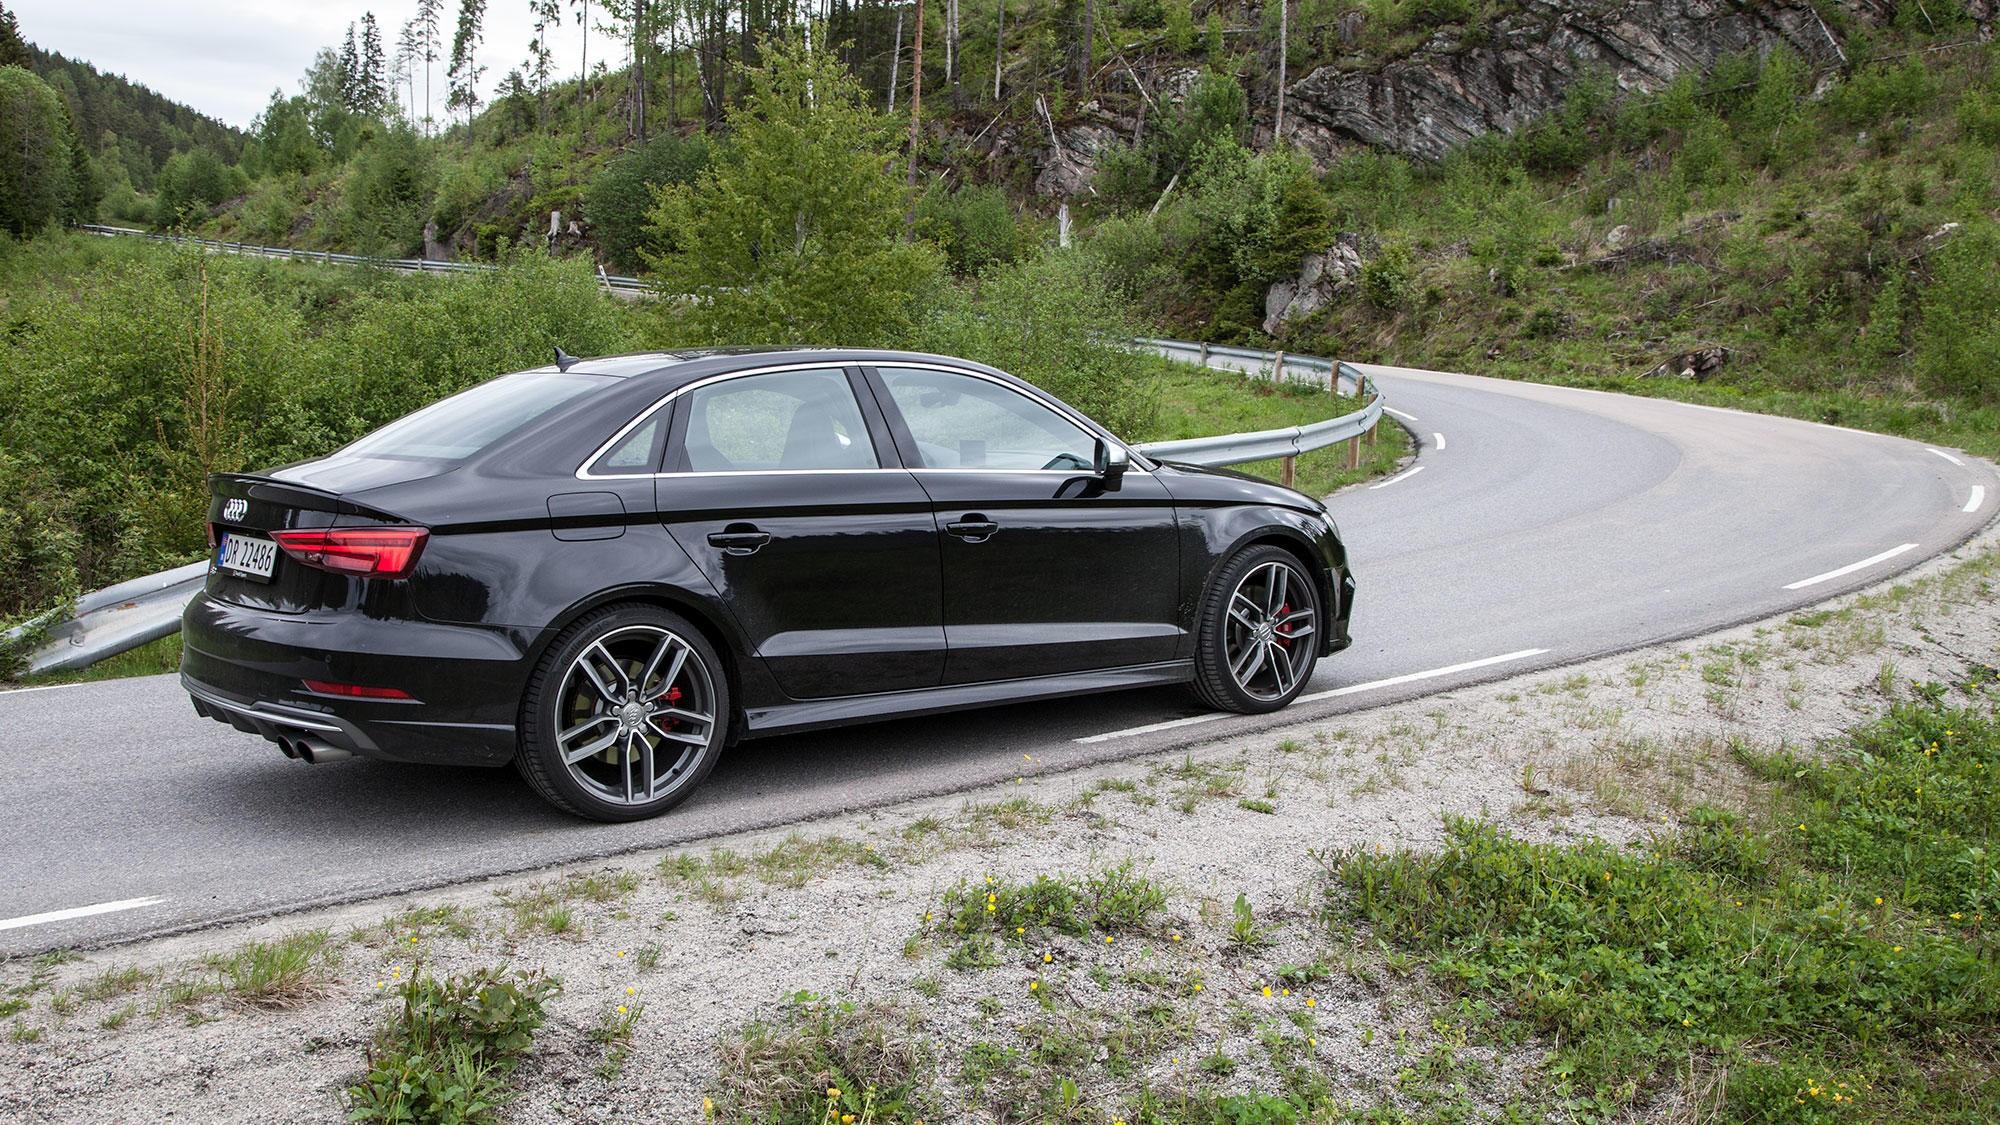 RÅTASS: Den ser ikke spesielt rå ut, men med 310 hestekrefter og drift på alle fire hjul, går det unna med Audi S3.